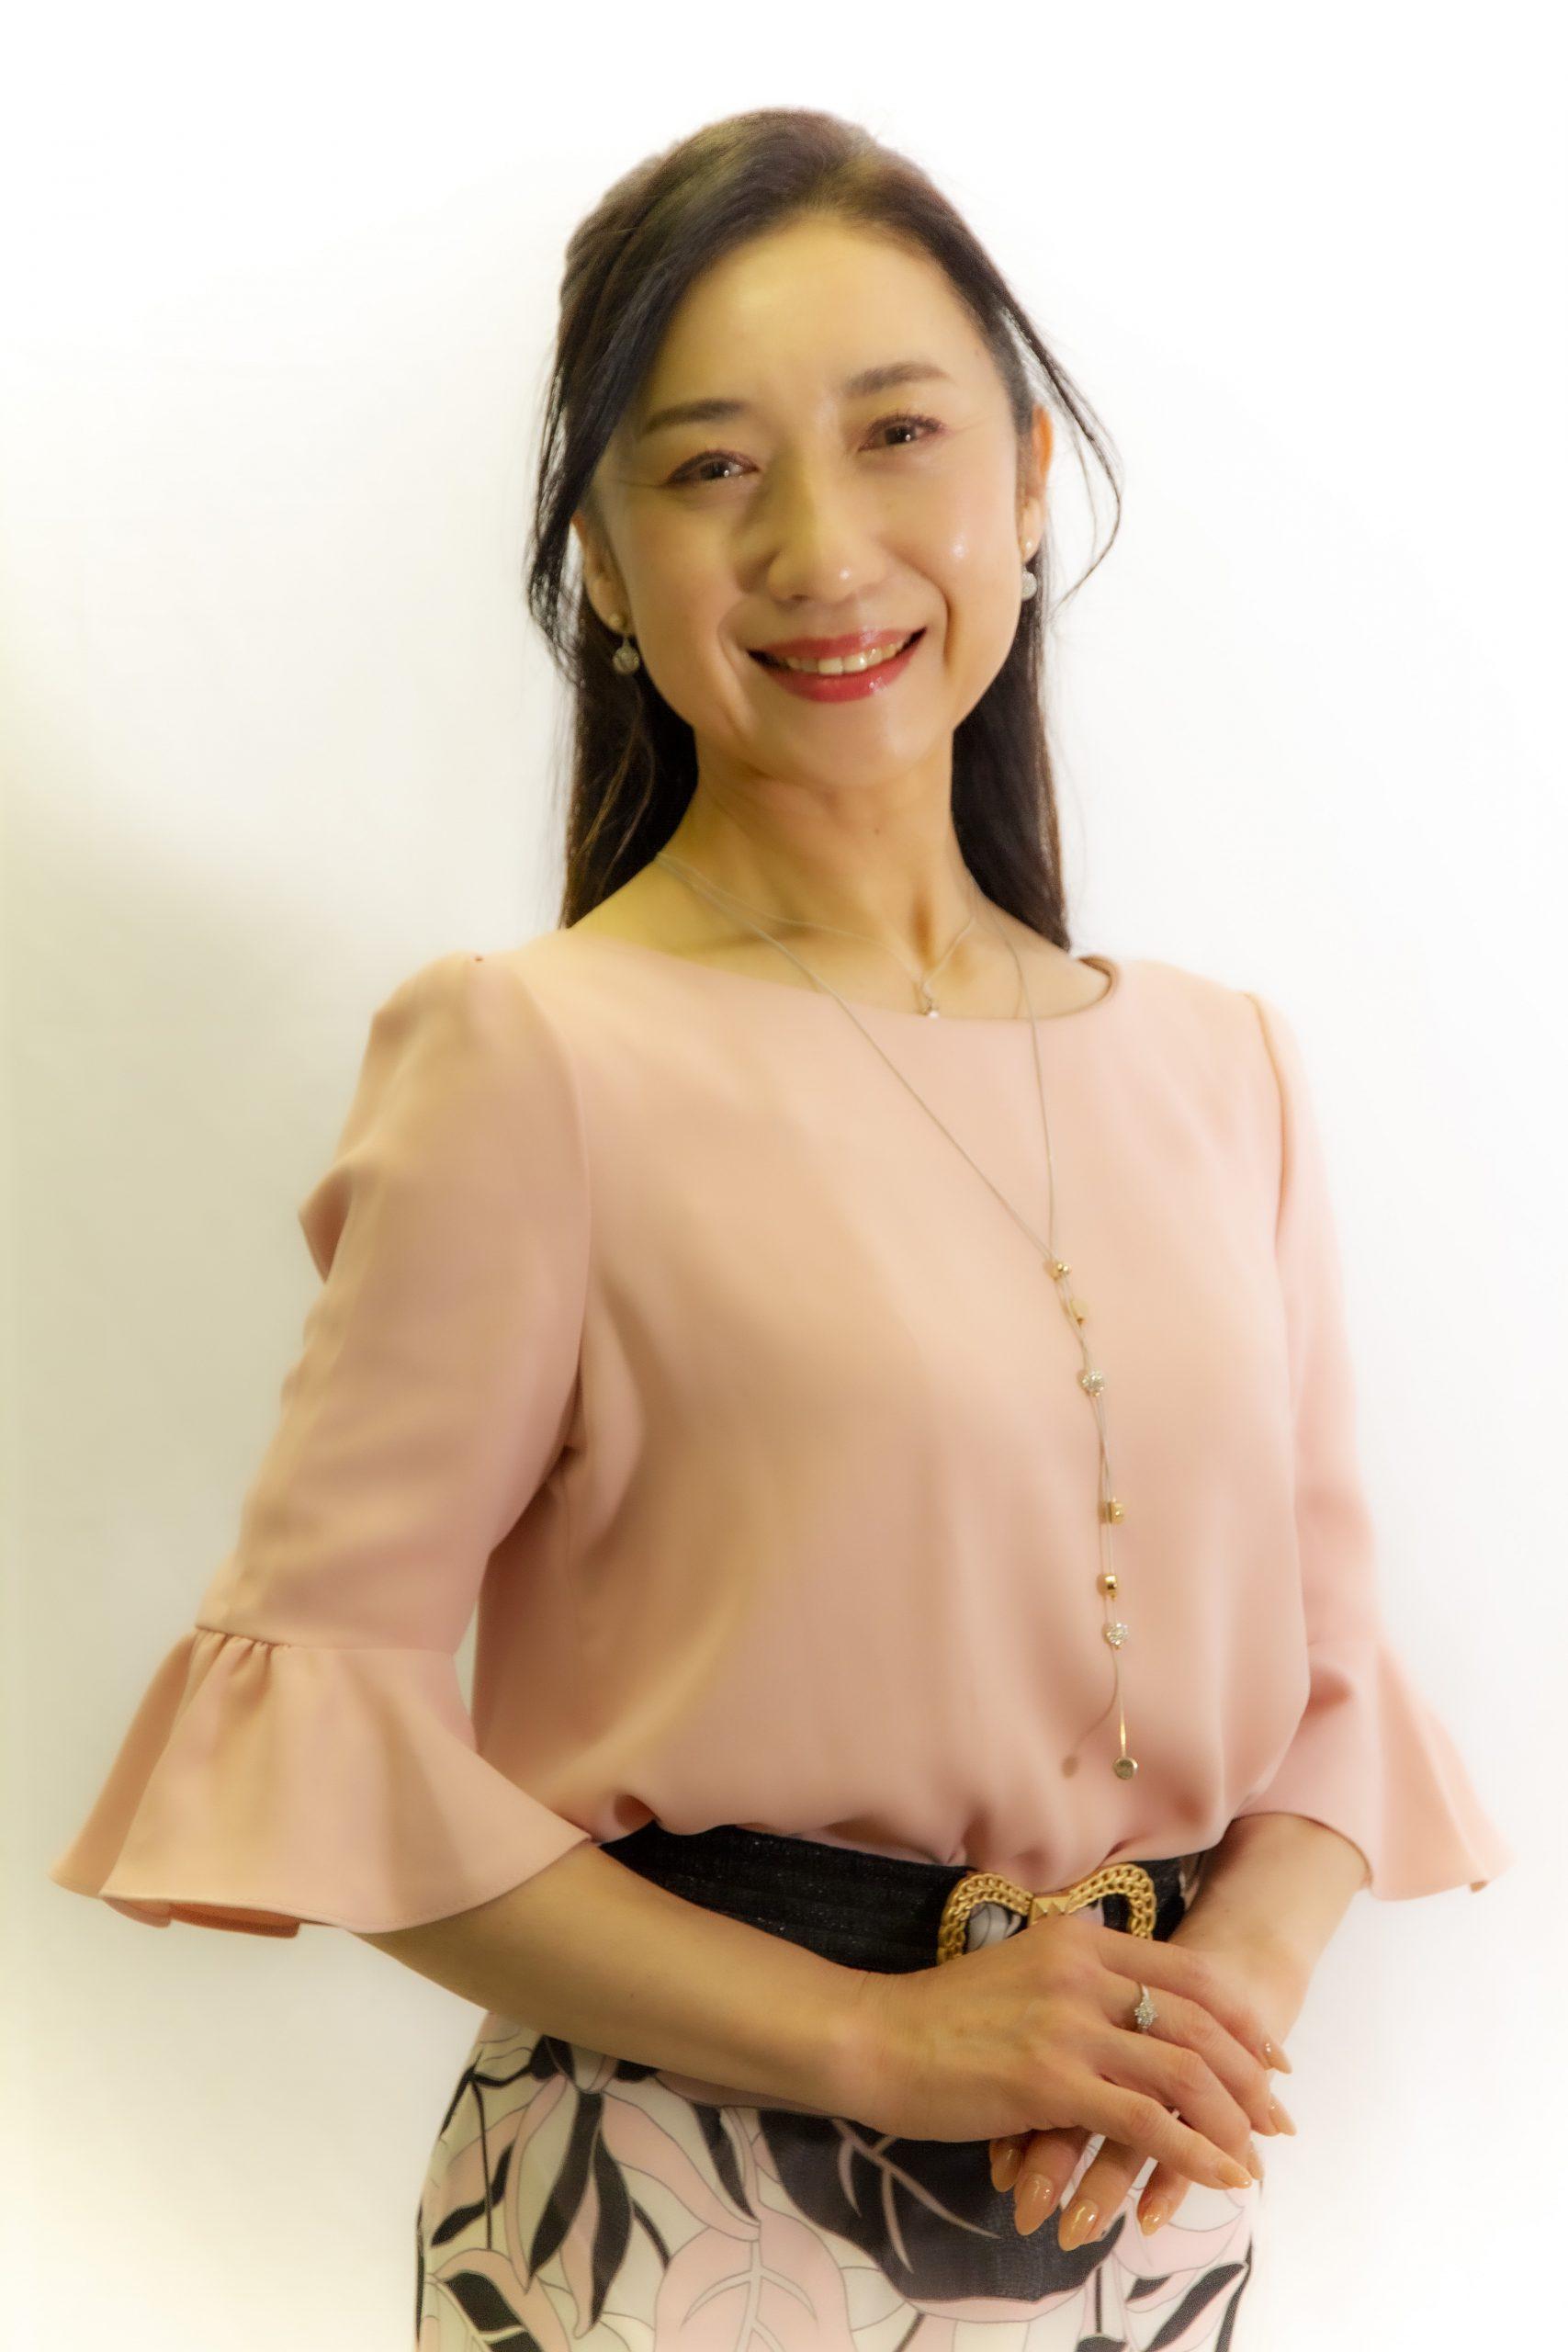 WatanabeKumiB